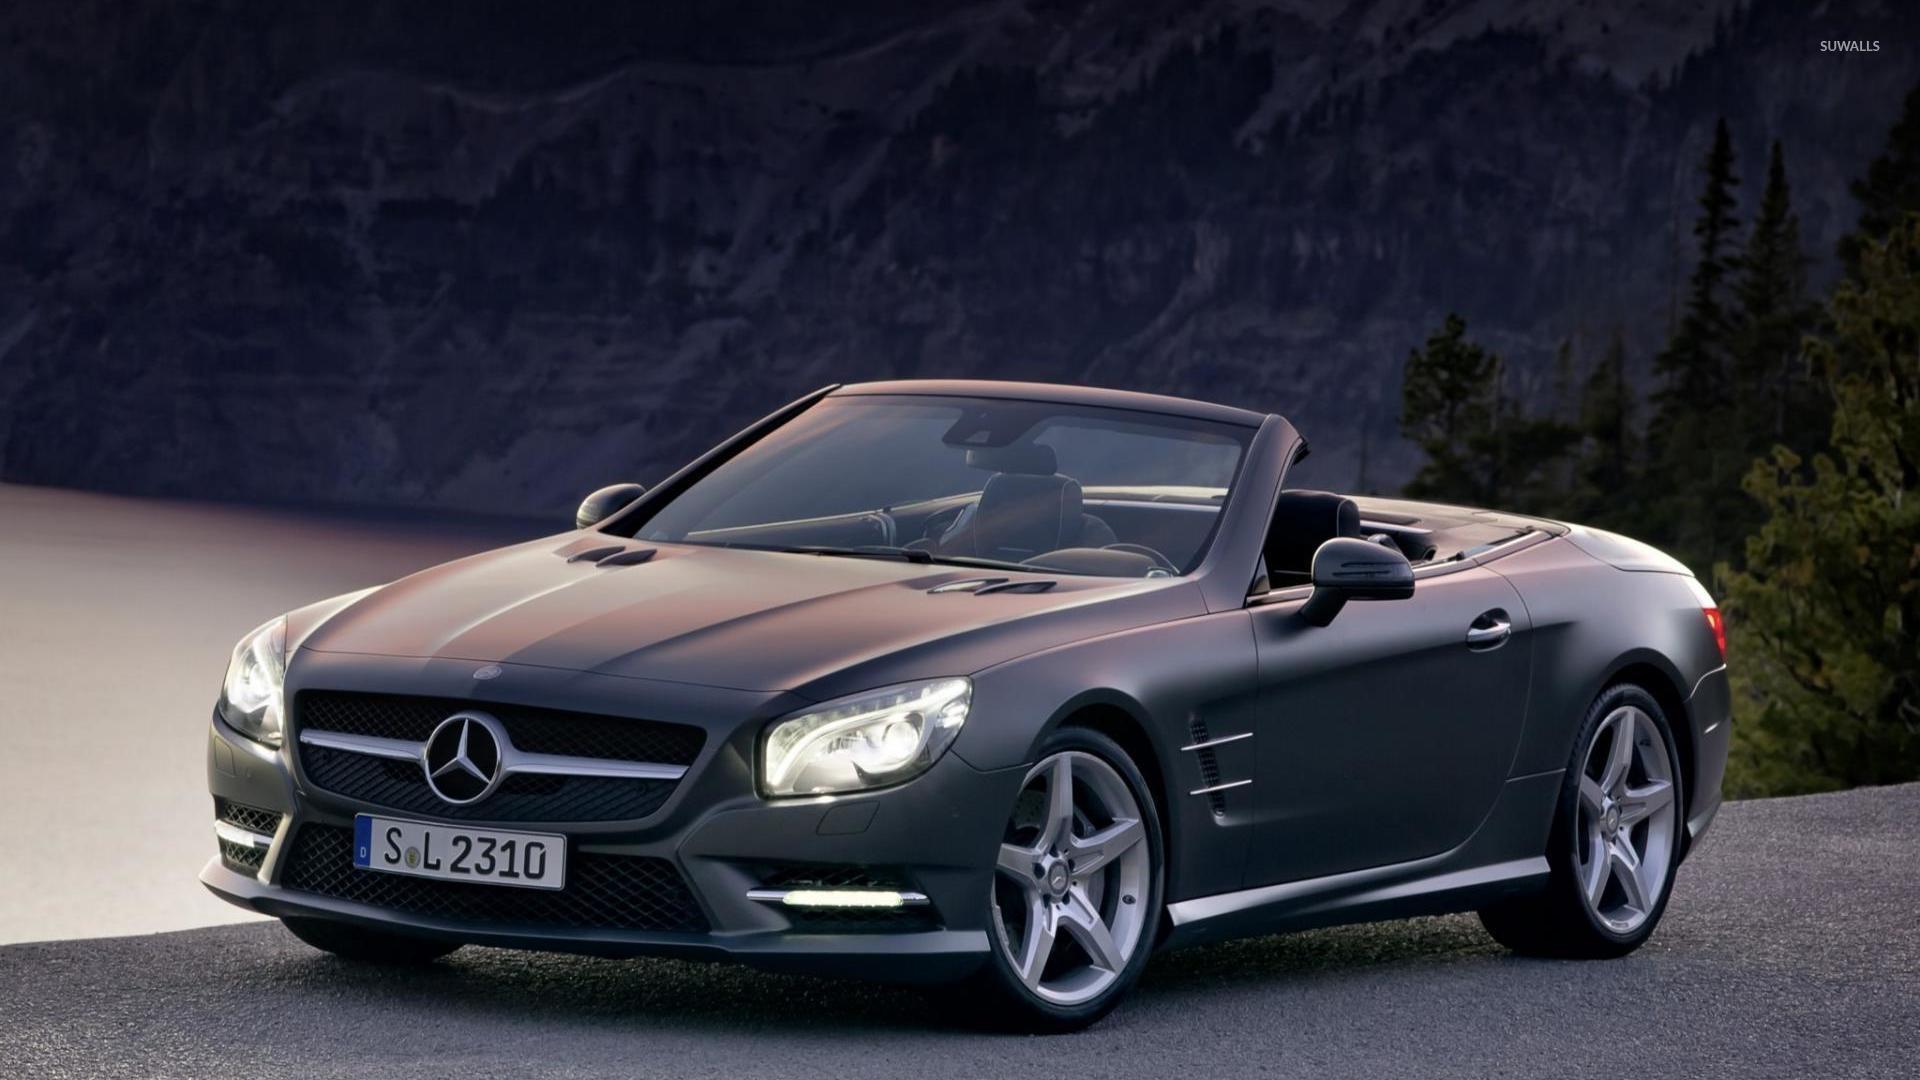 Mercedes benz sl 550 wallpaper car wallpapers 39543 for Mercedes benz 550s